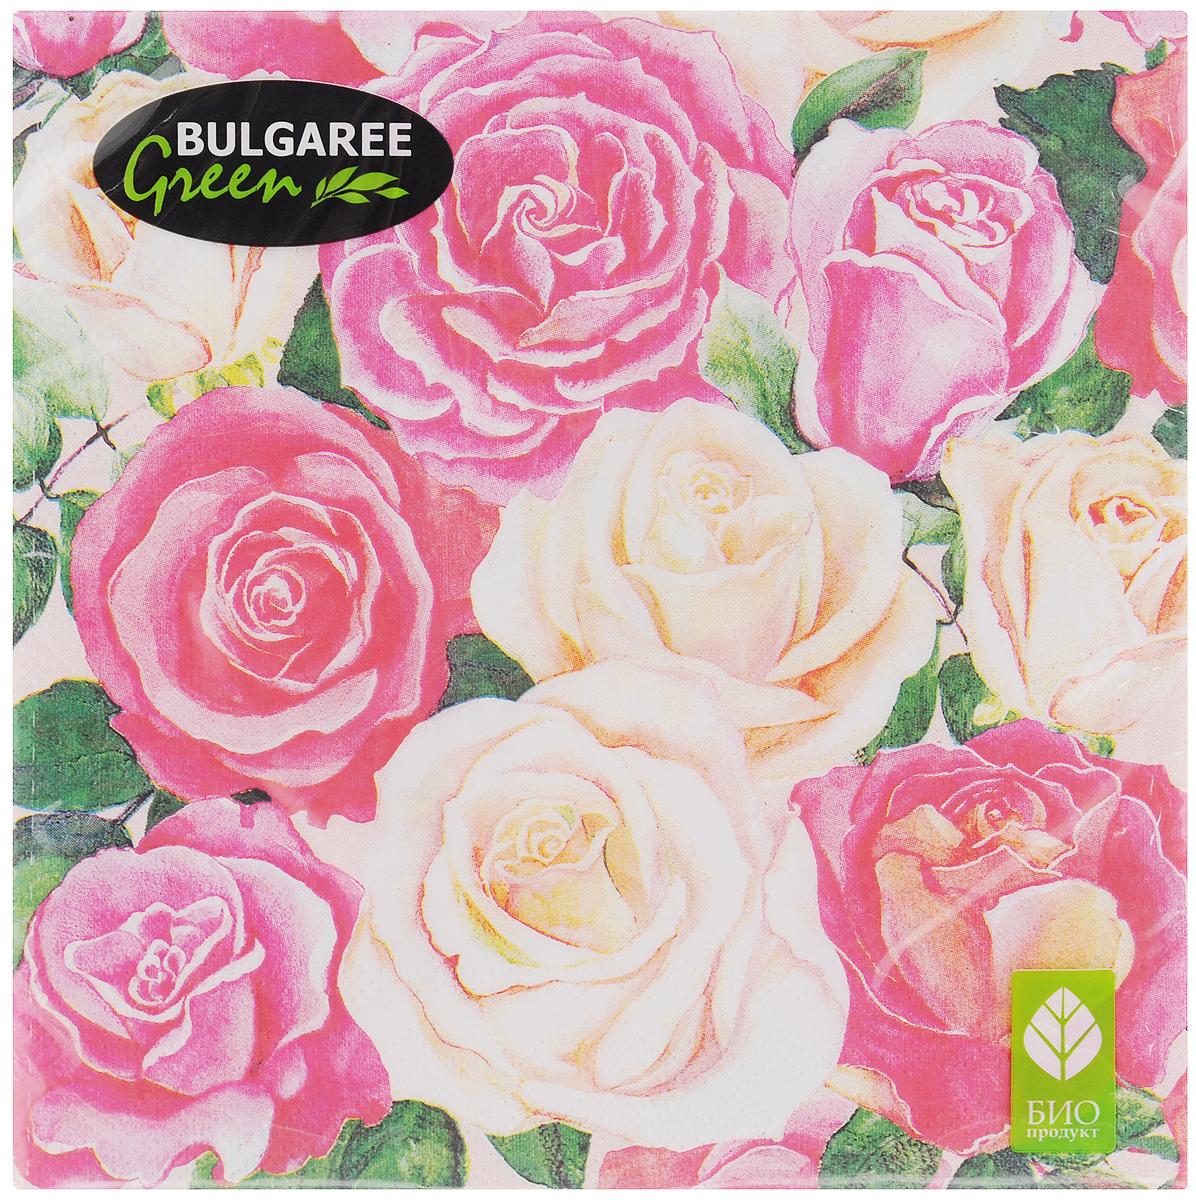 Салфетки бумажные Bulgaree Green Розовый букет, трехслойные, 33 х 33 см, 20 шт1002634Трехслойные салфетки Bulgaree Green Розовый букет выполнены из 100%целлюлозы и оформлены красивым рисунком. Изделия станут отличным дополнением любого праздничного стола. Они отличаются необычной мягкостью, прочностью и оригинальностью.Размер салфеток в развернутом виде: 33 х 33 см.